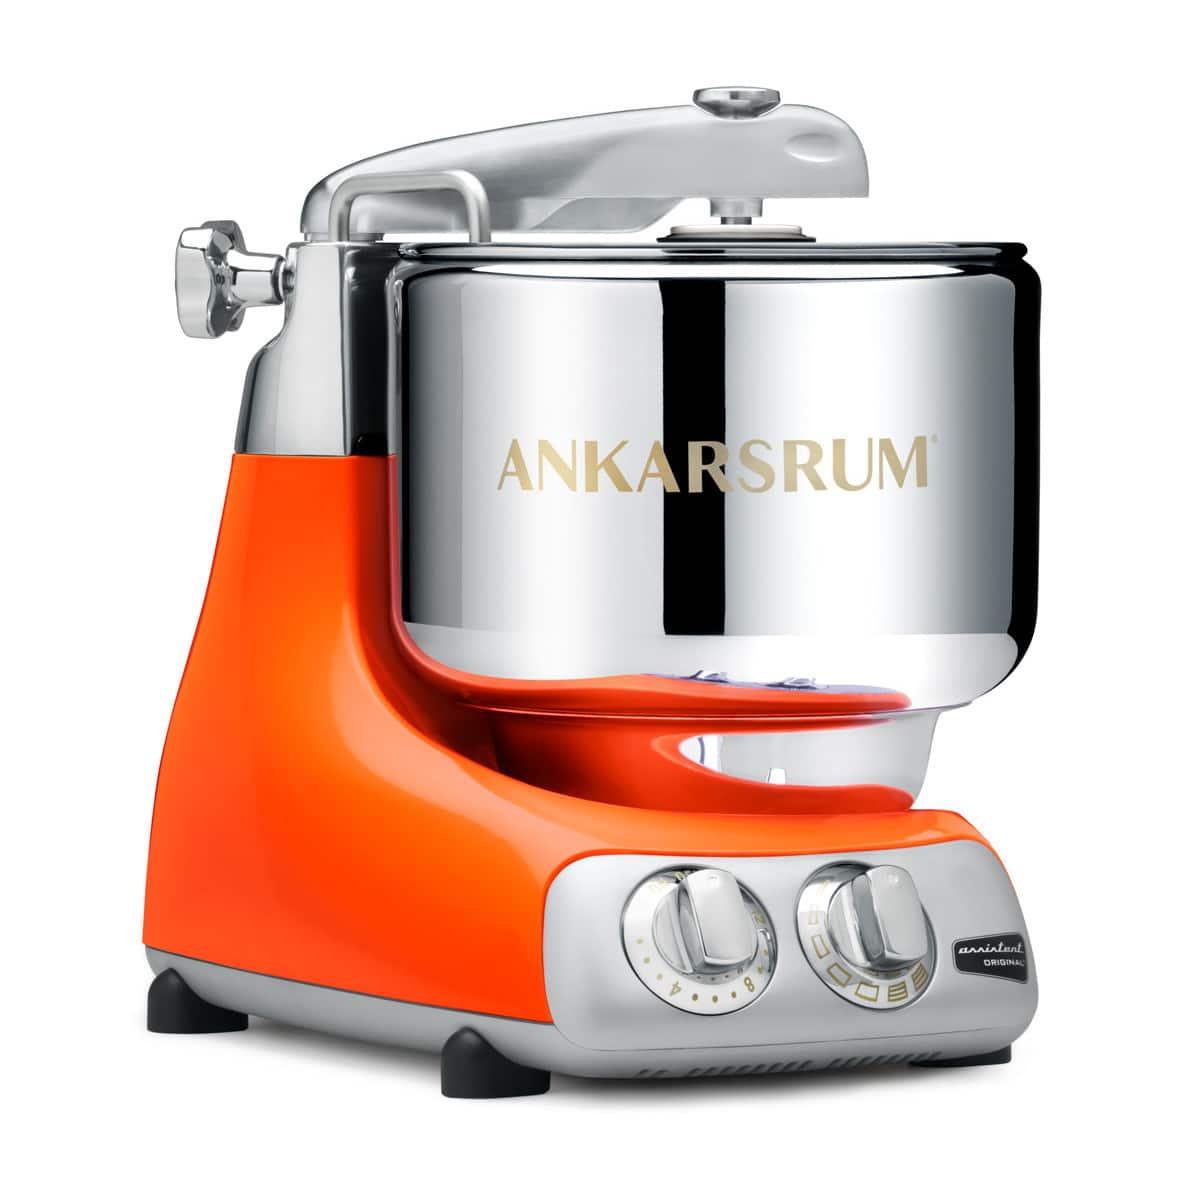 ankarsrum_assistent-original_pure_orange_hero_72dpi